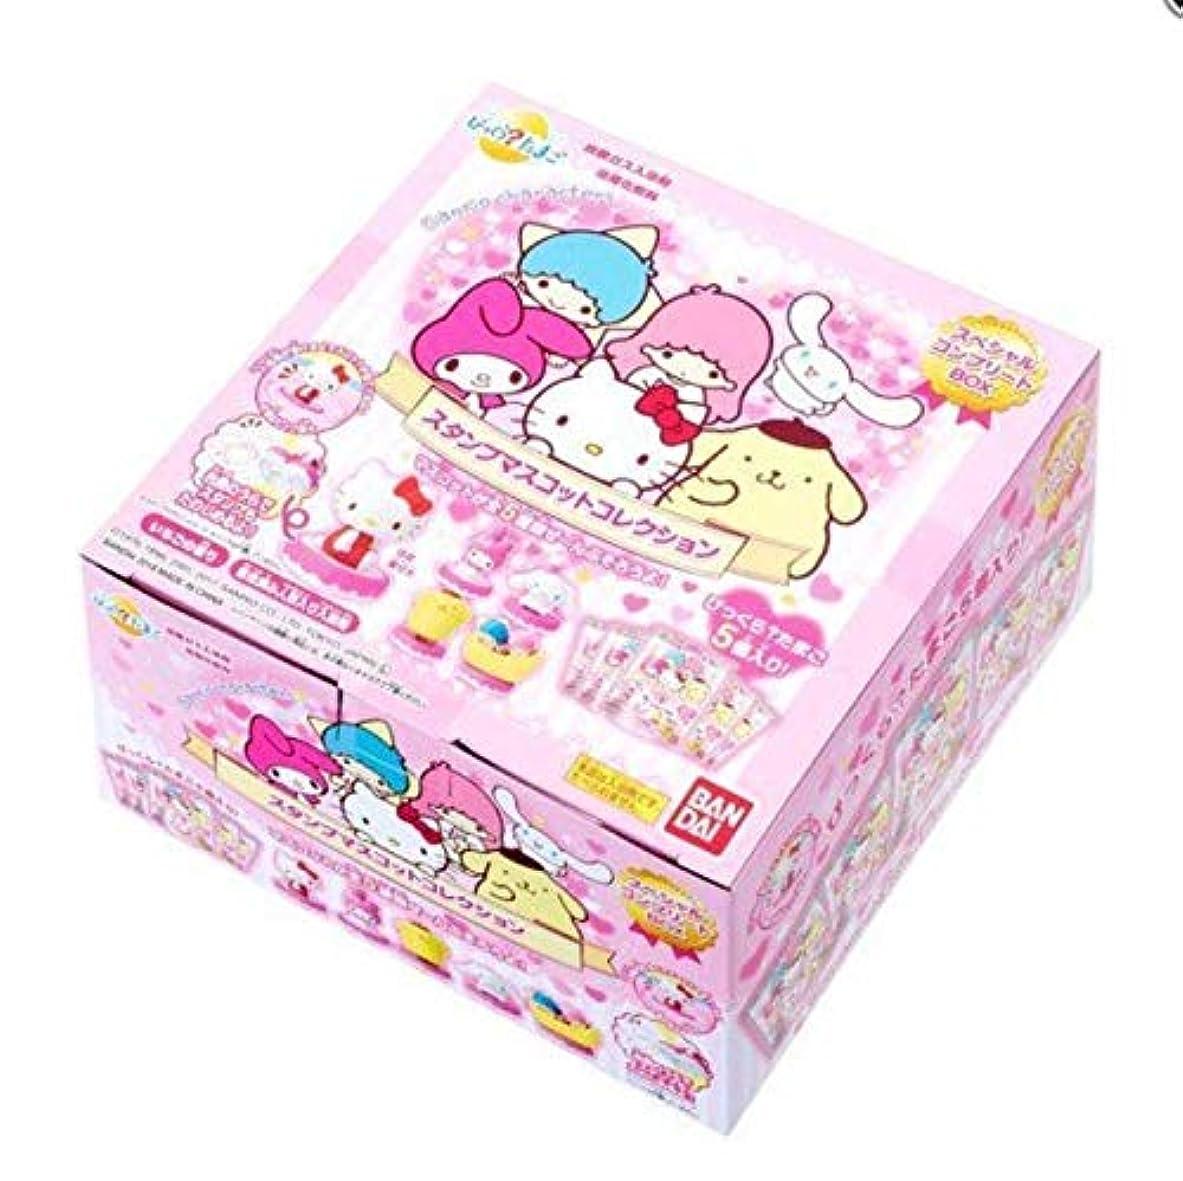 浴室そこからお客様びっくら?たまご サンリオキャラクターズ スタンプマスコットコレクション スペシャルコンプリートBOX